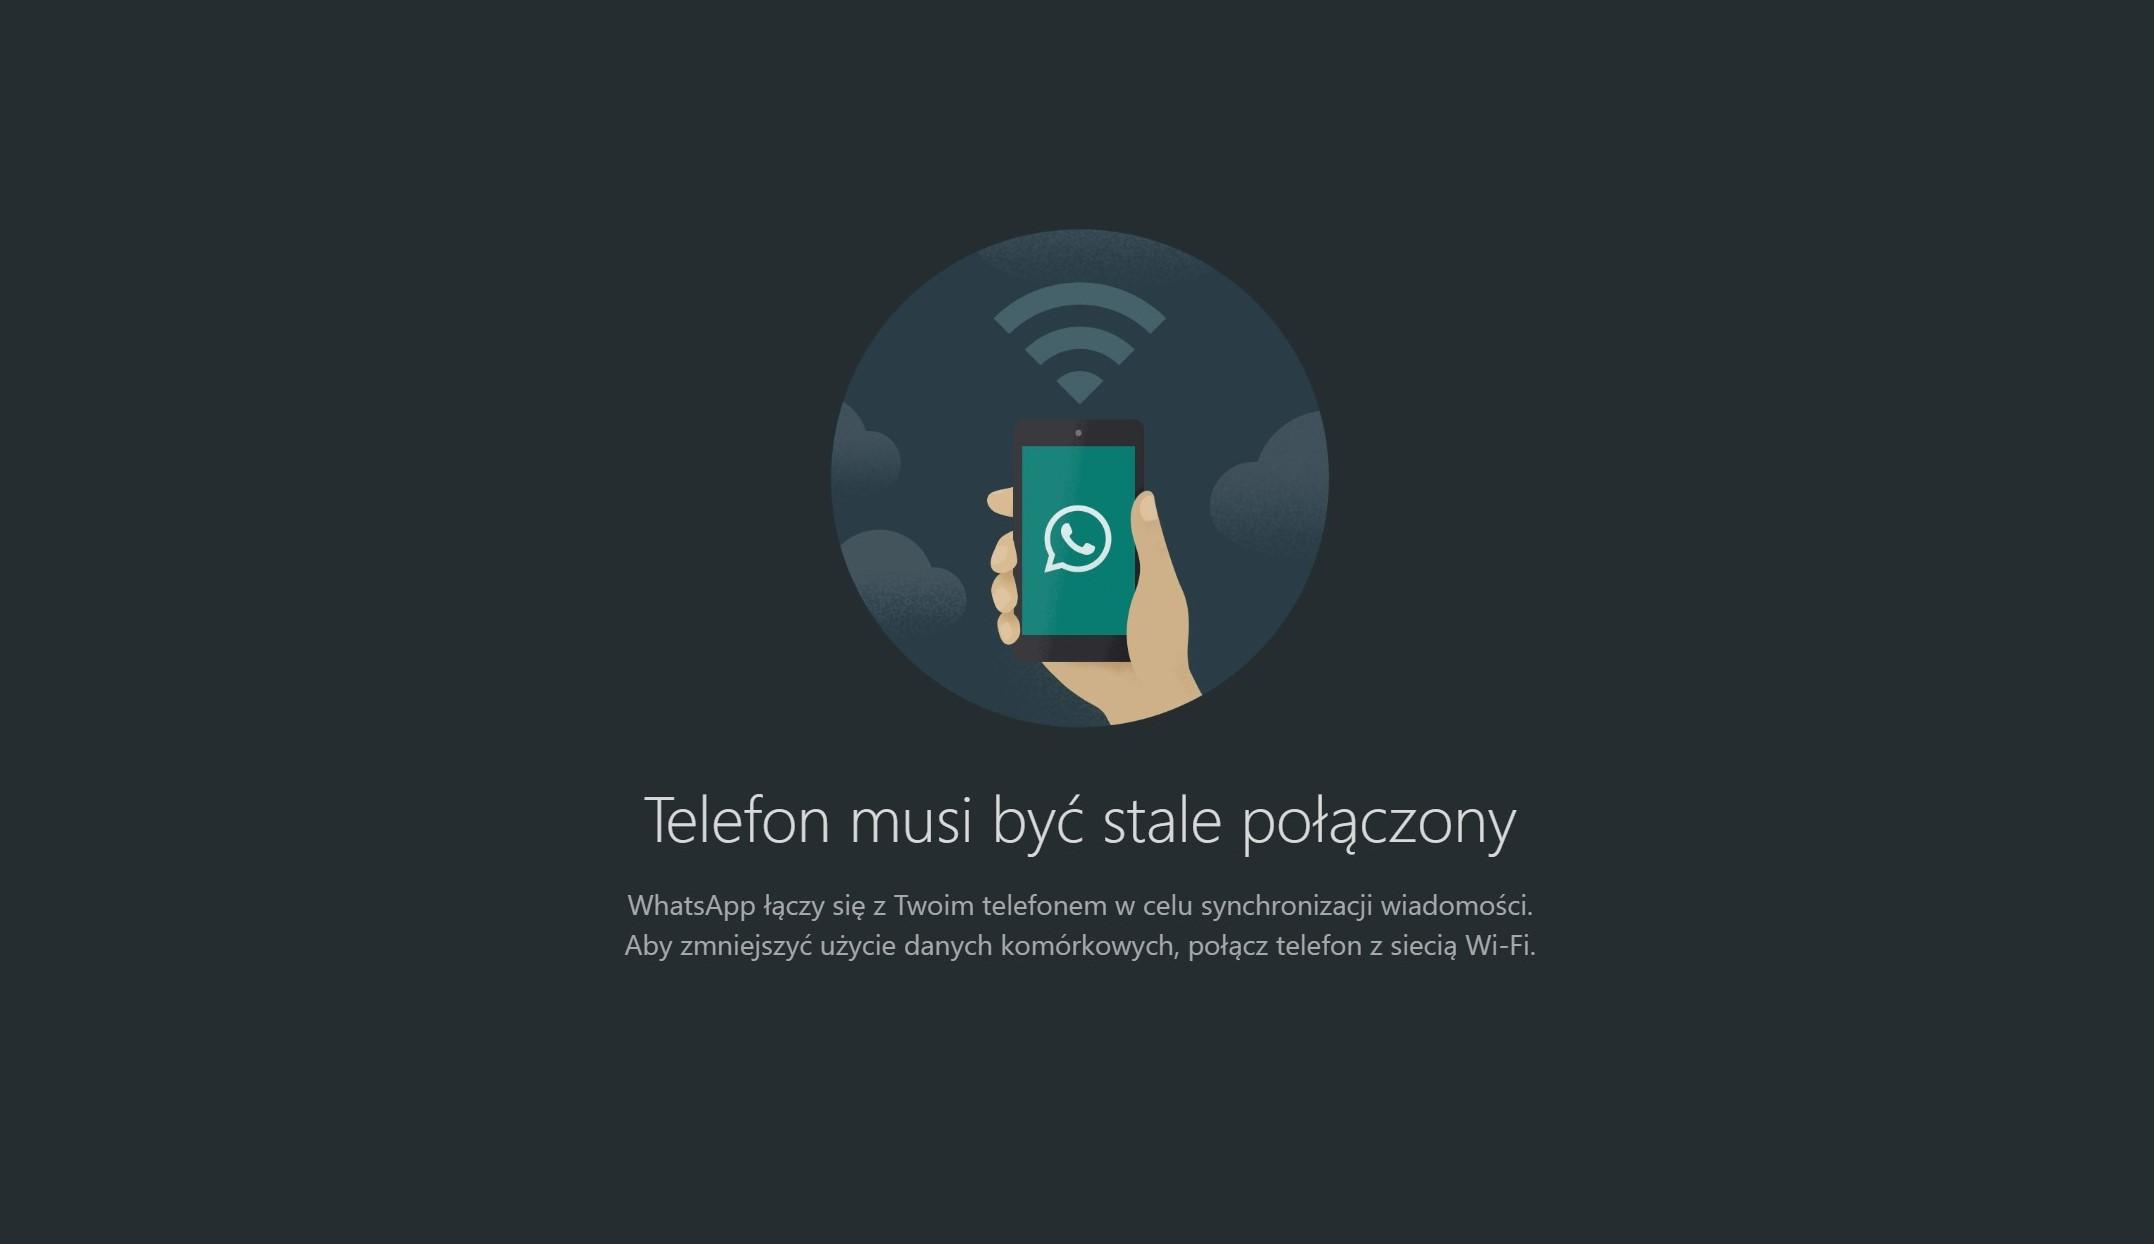 Praktyczna rzecz: WhatsApp na desktopy dostaje ciemny motyw